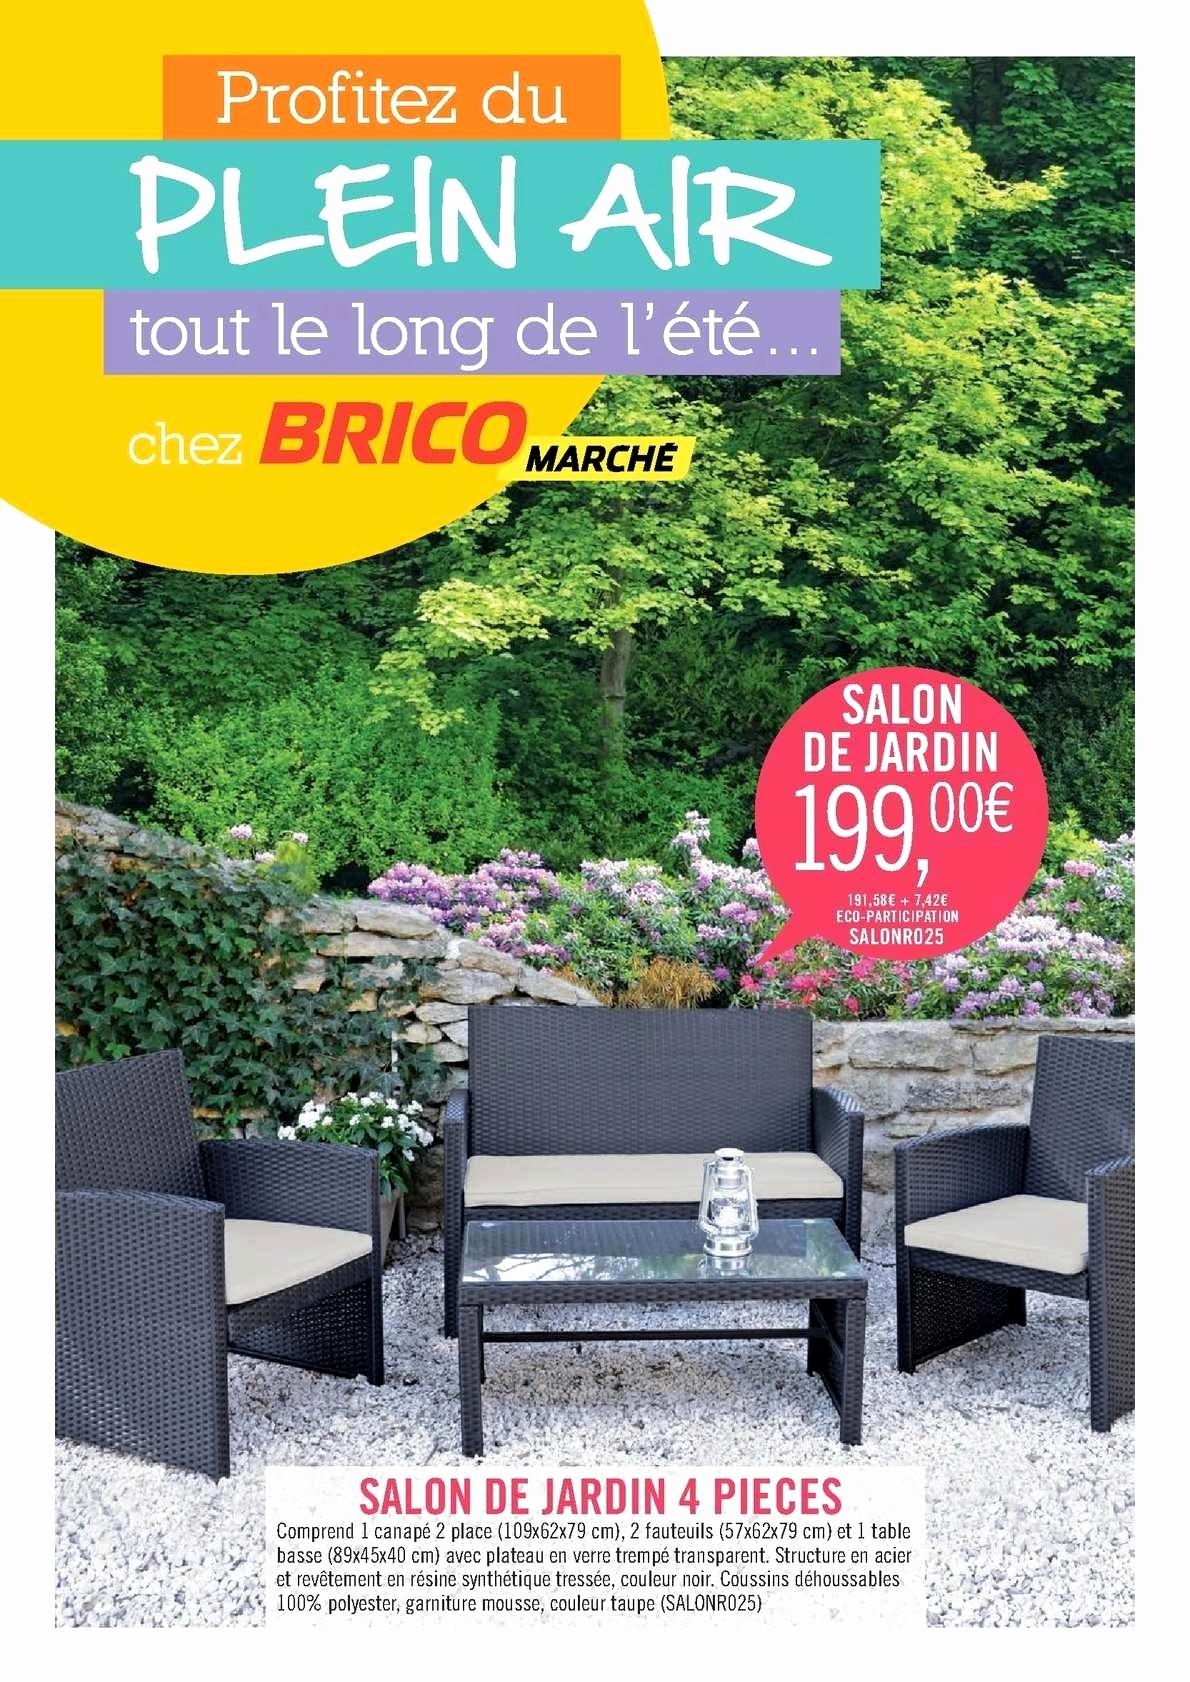 salon de jardin cora hornu abri de jardin et balancoire id e. Black Bedroom Furniture Sets. Home Design Ideas